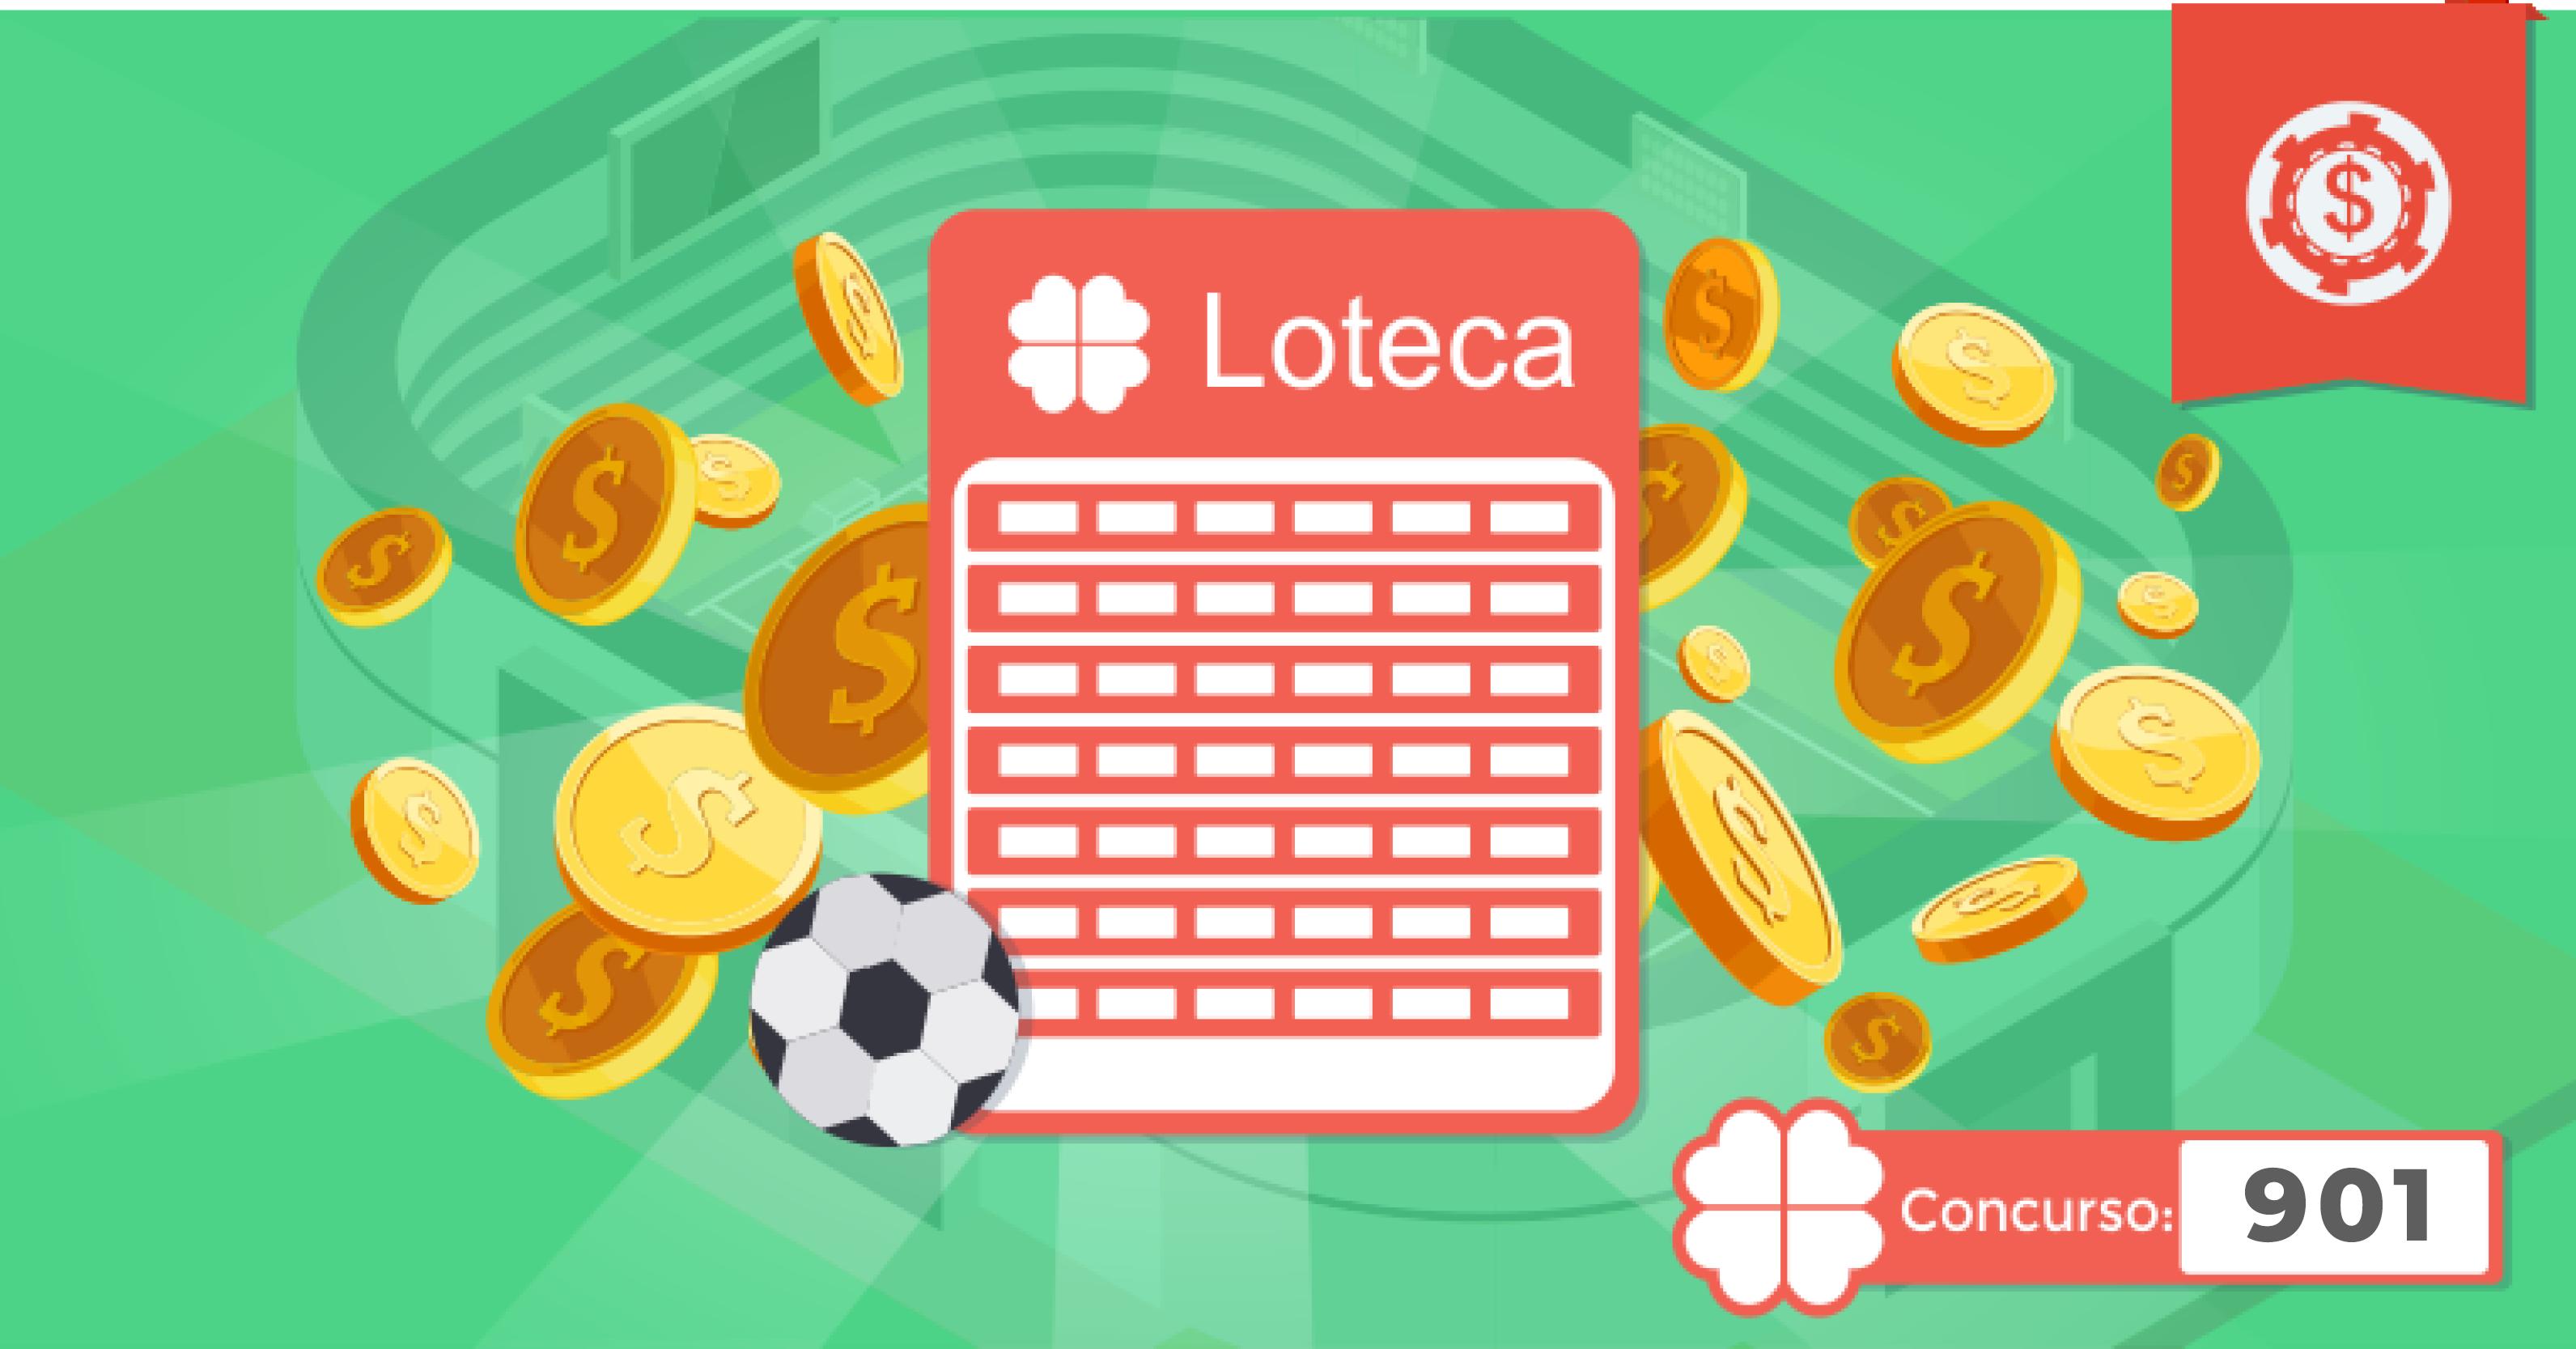 palpites-loteca-901-palpites-loteca-semana